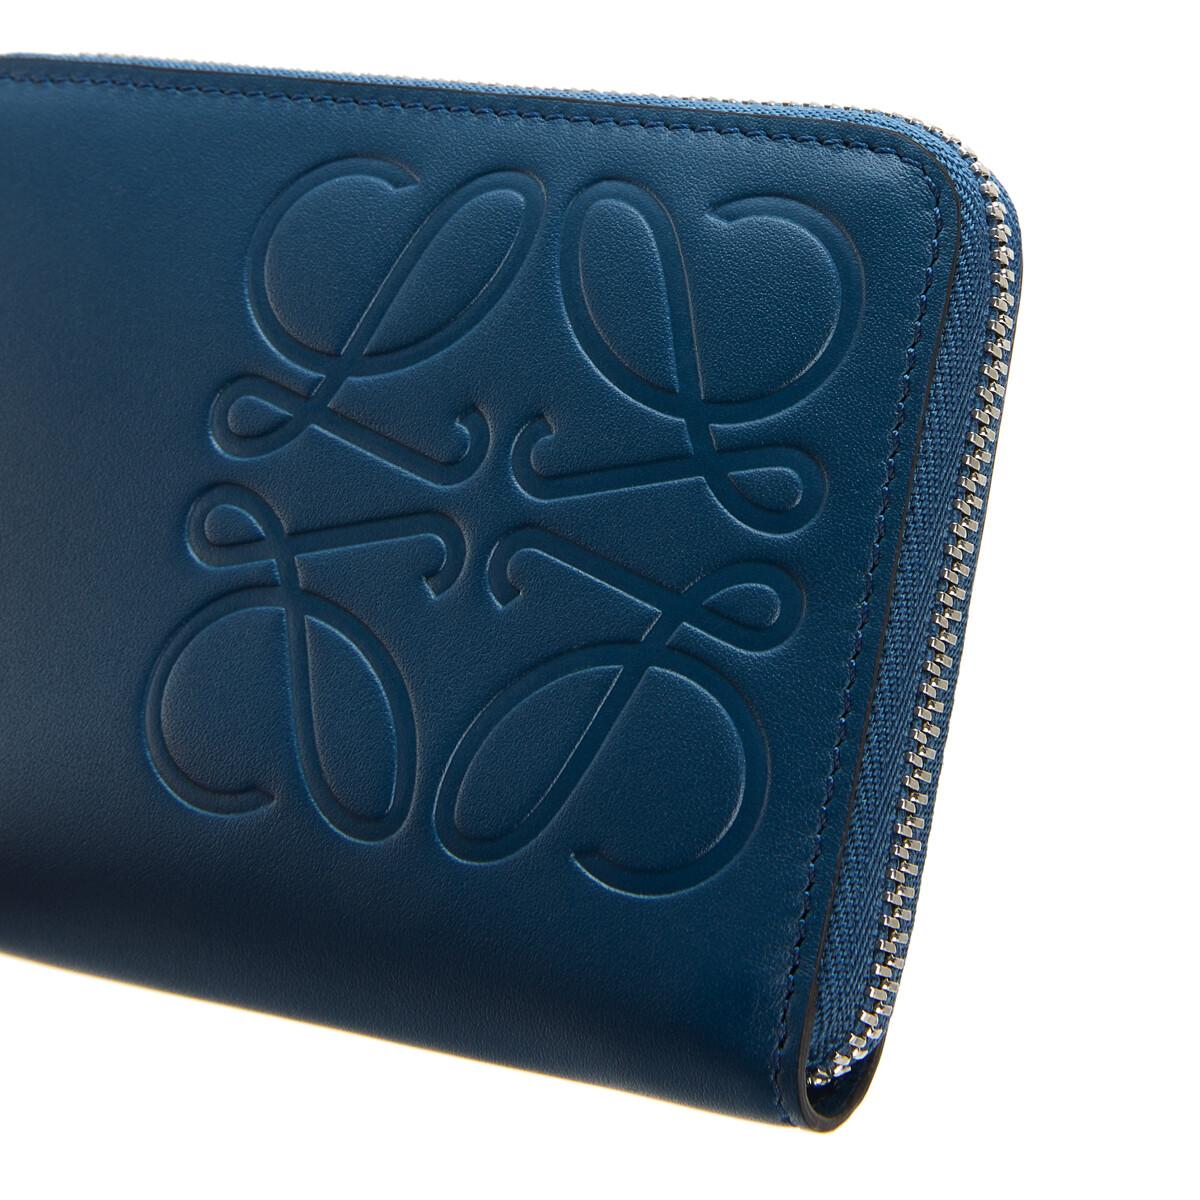 LOEWE Brand 6 Card Zip Wallet Indigo front